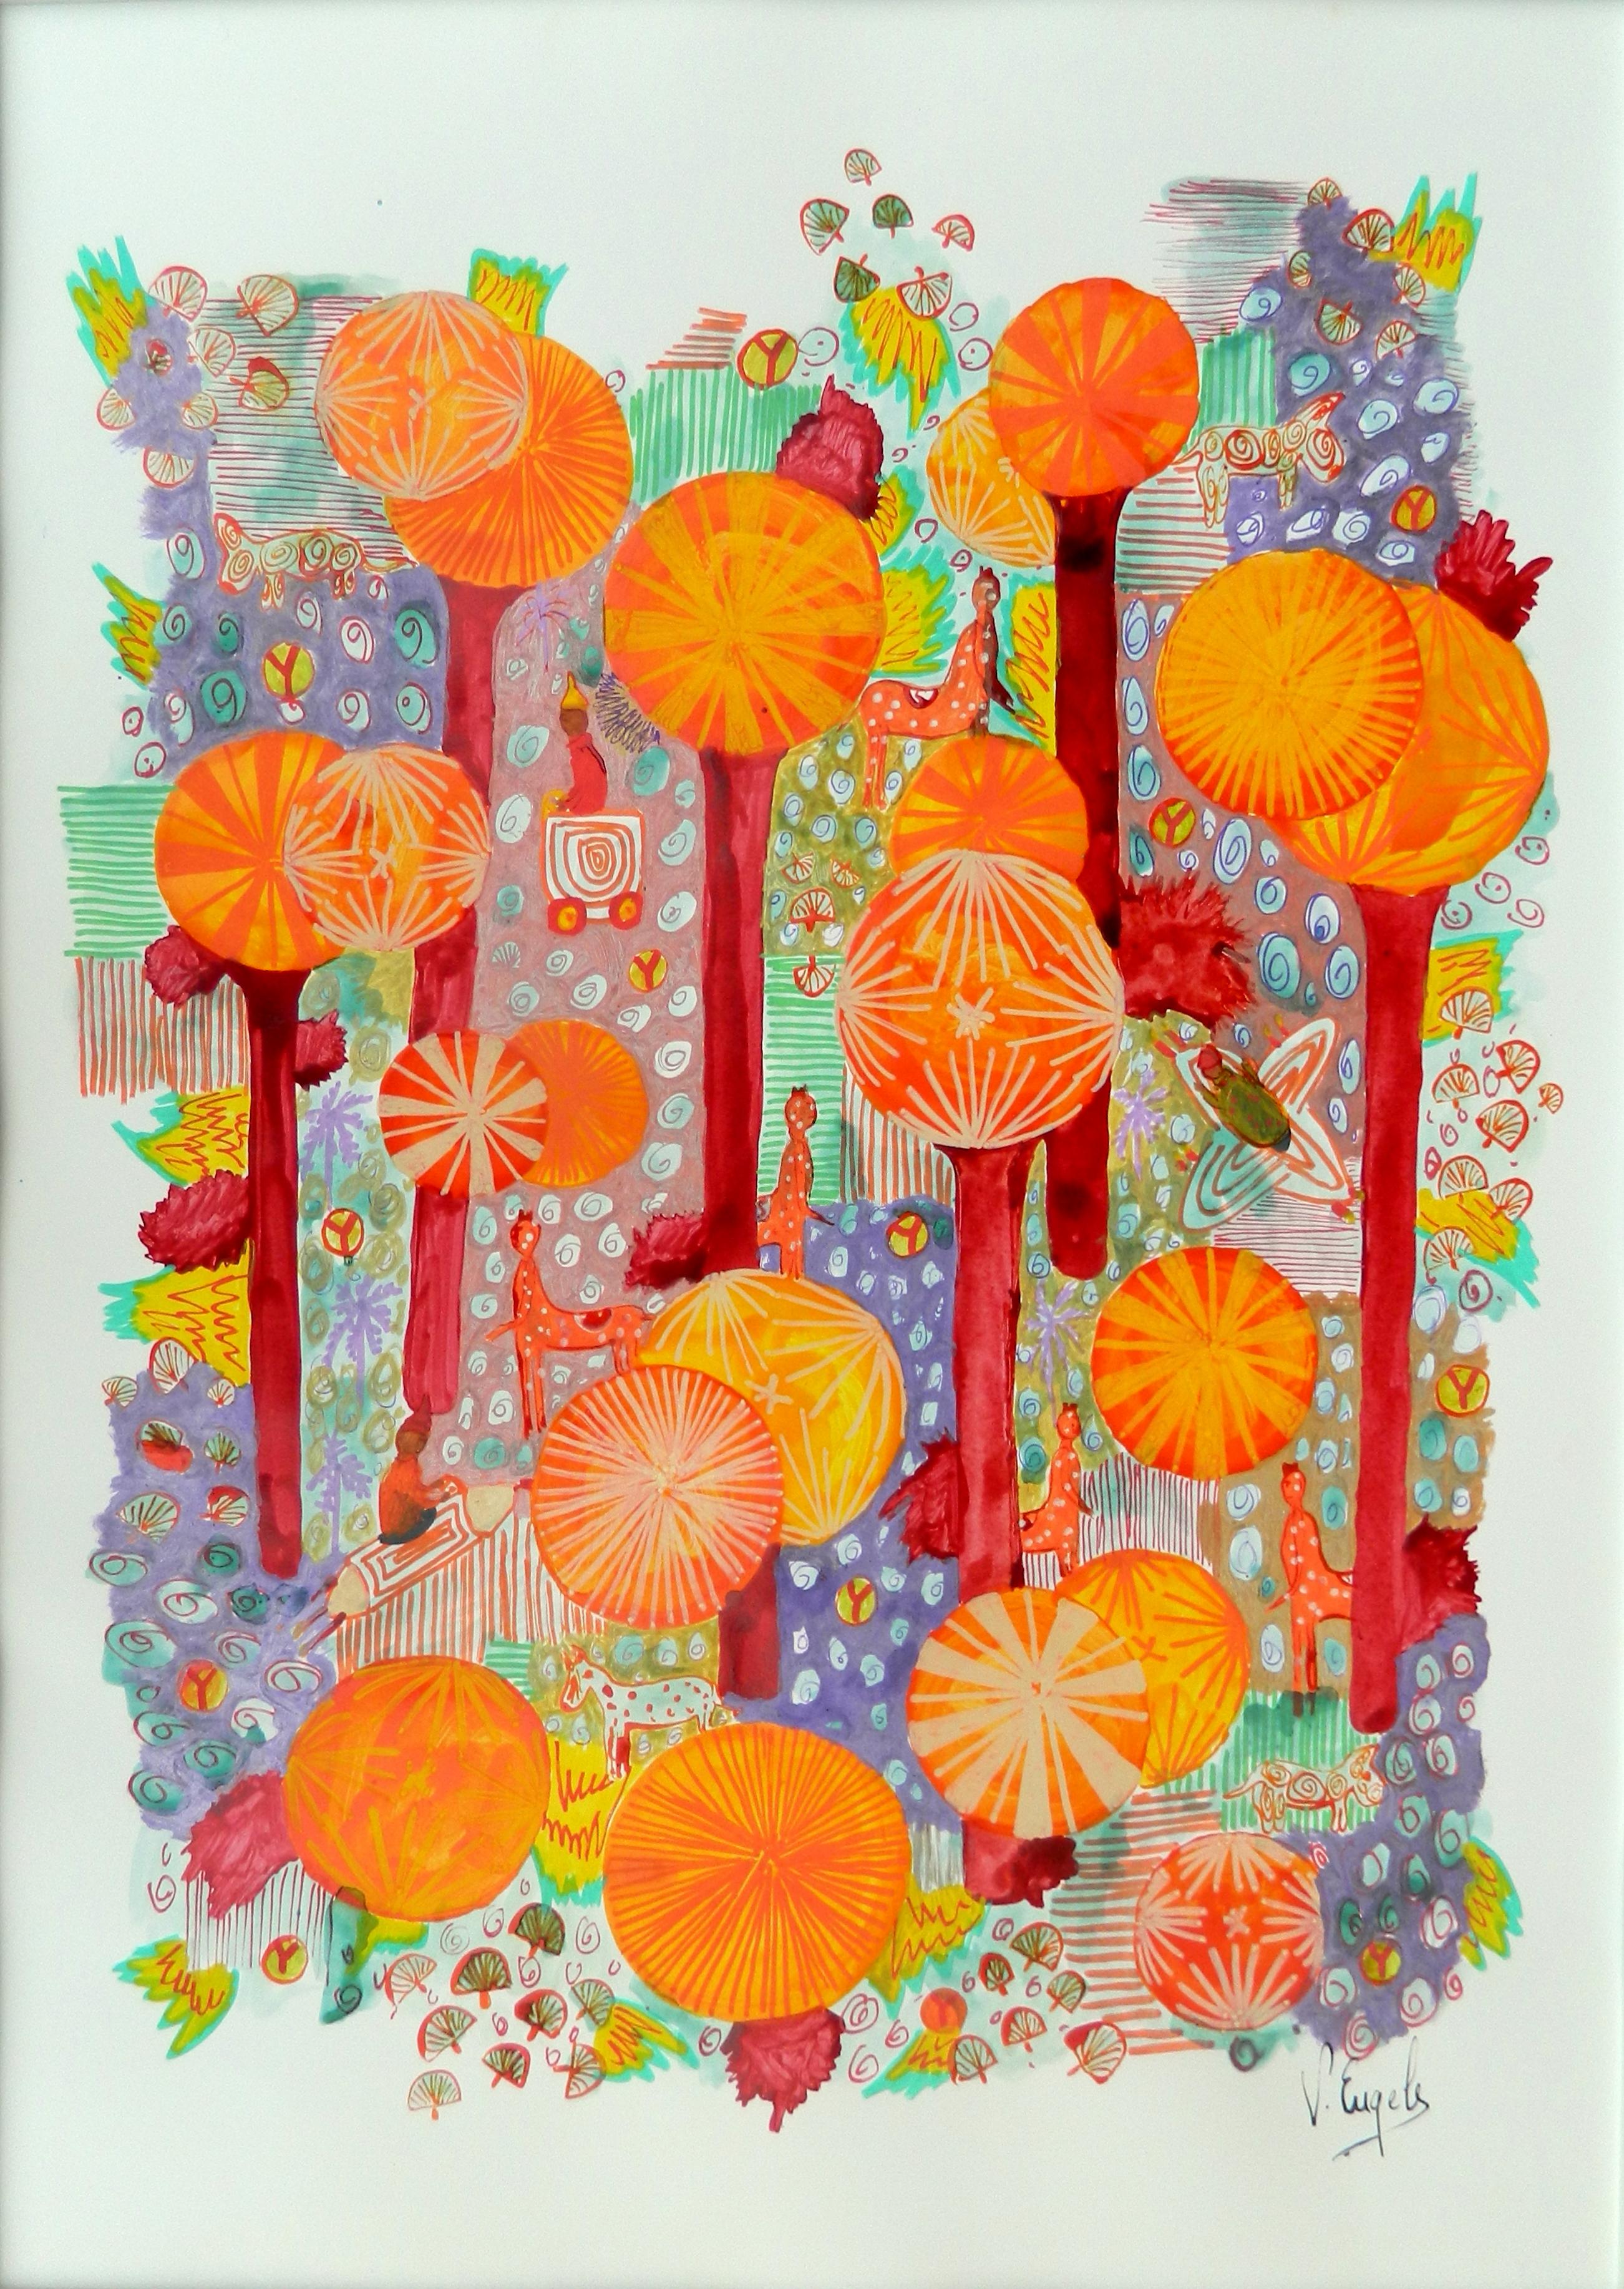 Les soleils oranges